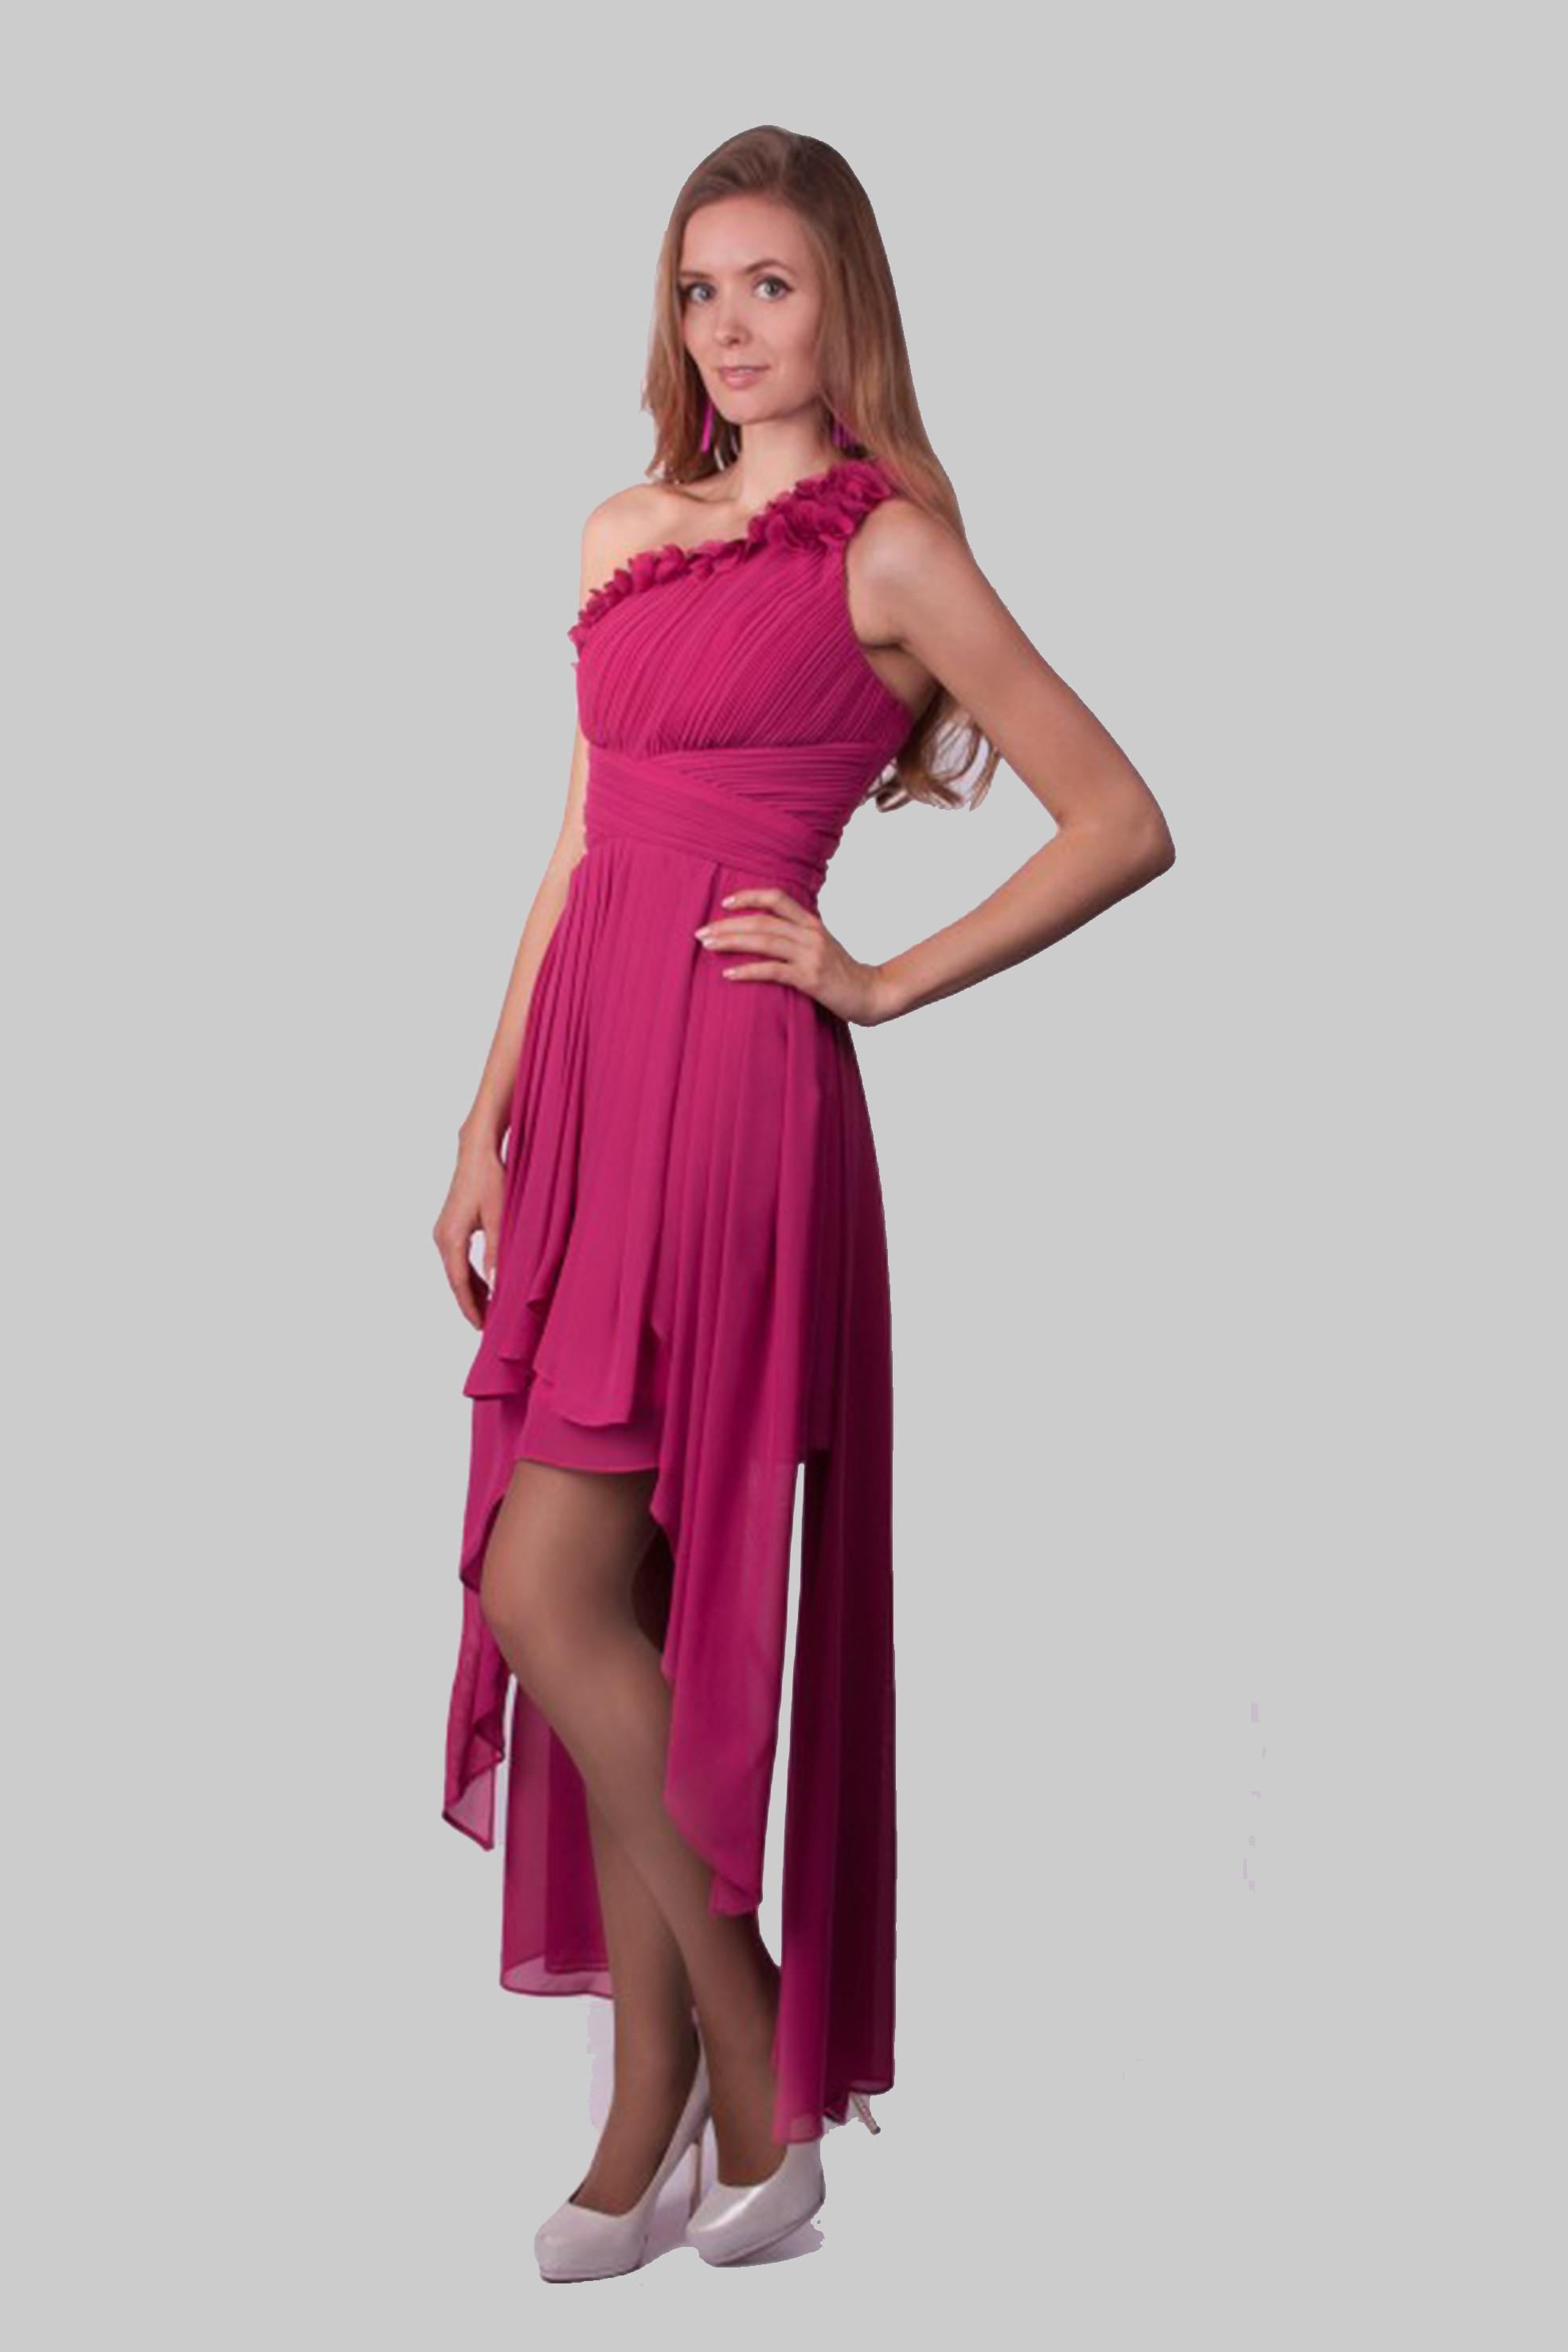 Купить платье лолита в москве